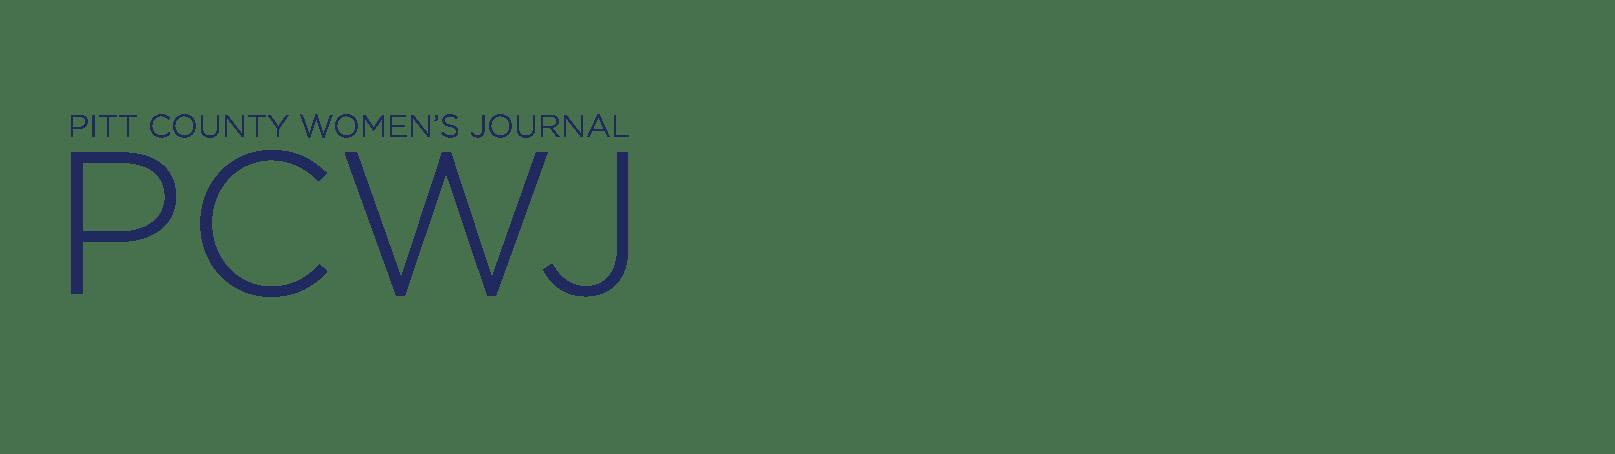 Pitt County Women's Journal